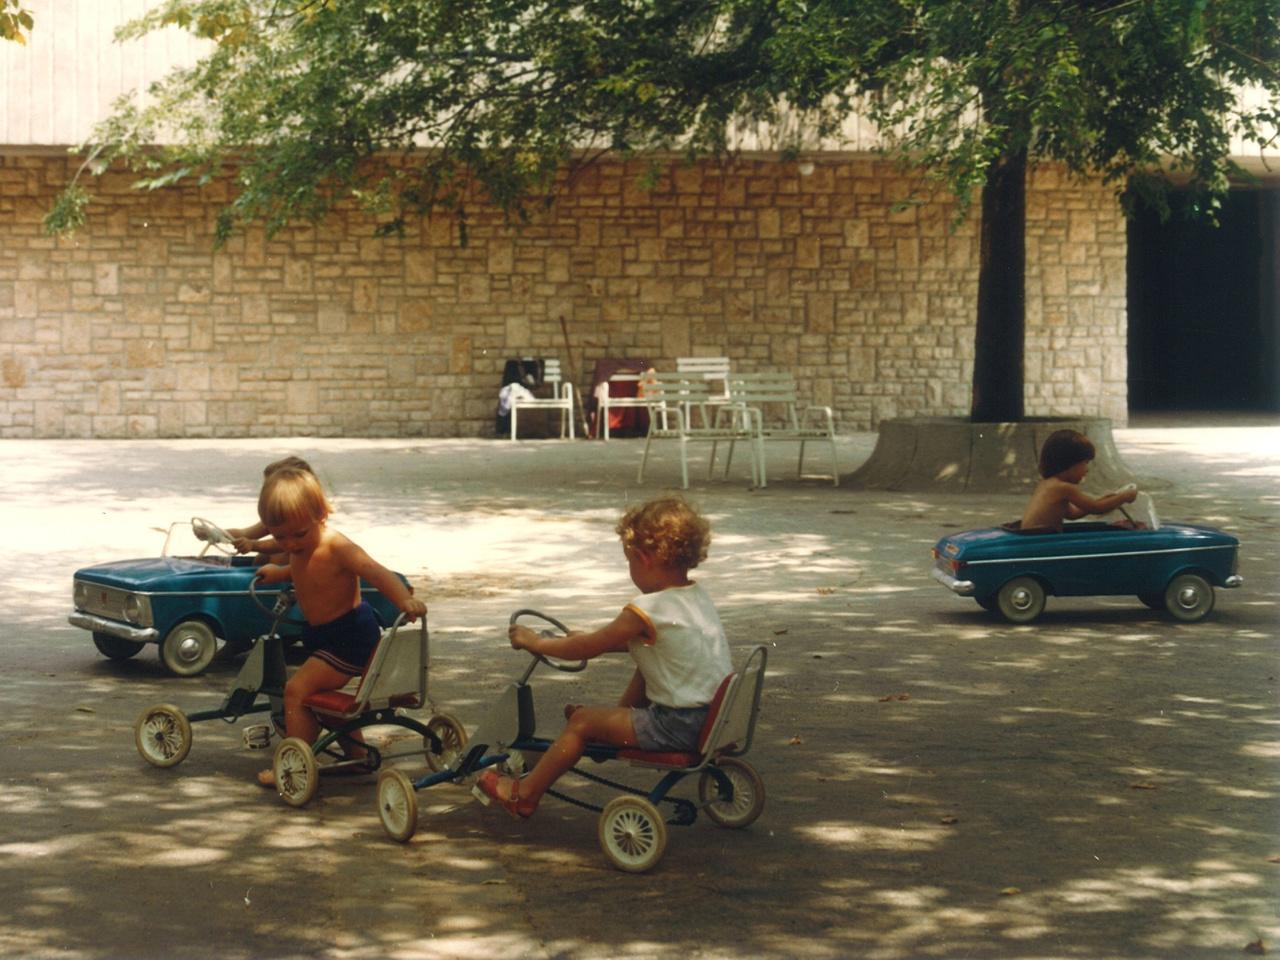 A kor nagy találmány volt a KRESZ-park, melyekkel egy időben szerte az országban lehetett találkozni. Kár, hogy kimentek a divatból, mert a gyerekek ma is szeretnek vezetni, a KRESZ pedig még ma is érvényben van. Persze a játékhoz nem kell minden áron kiépített pálya, megteszi néhány szék is.